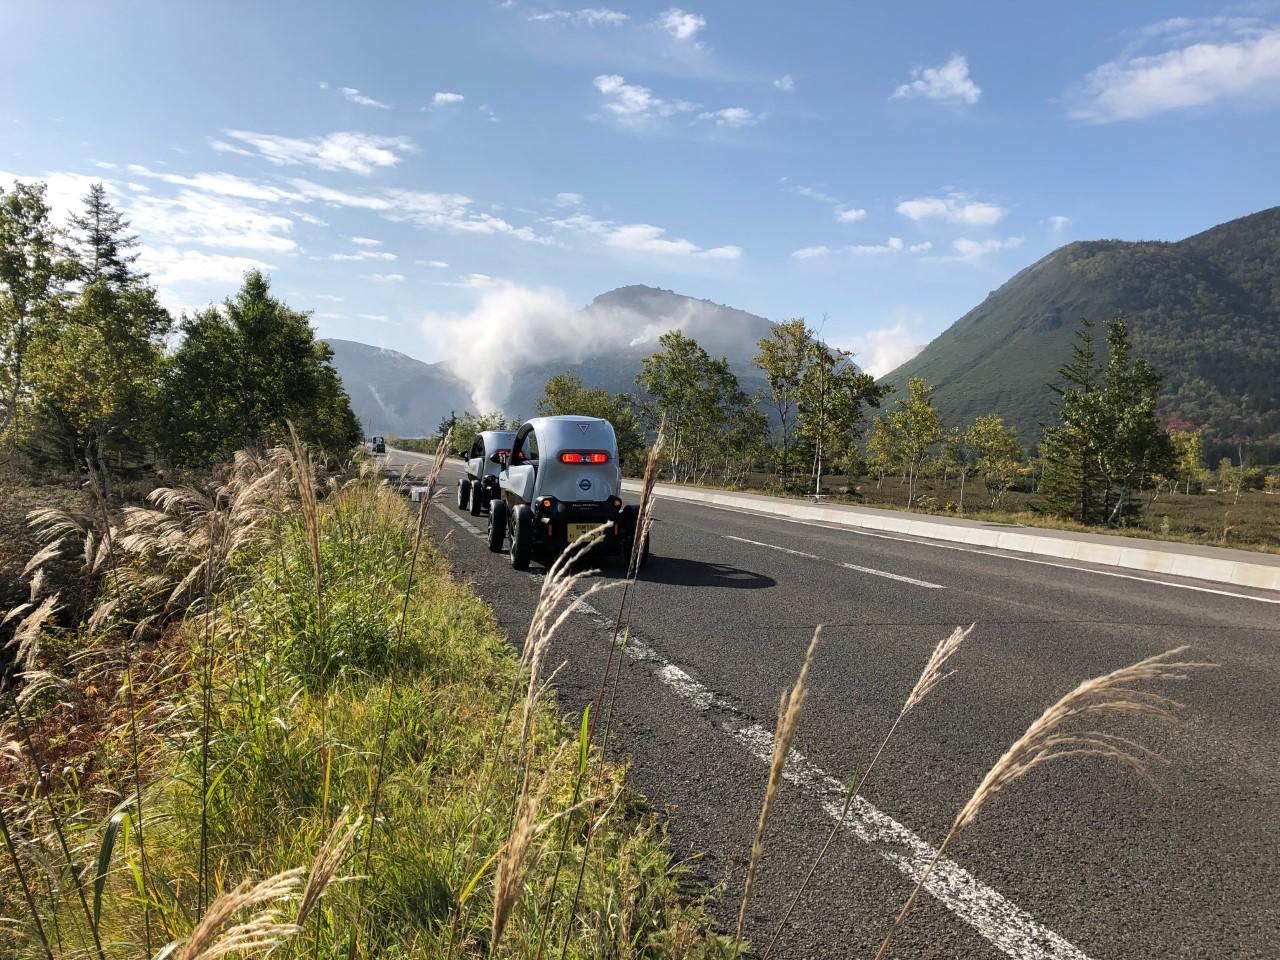 自然豊かな国立公園内をドライブ